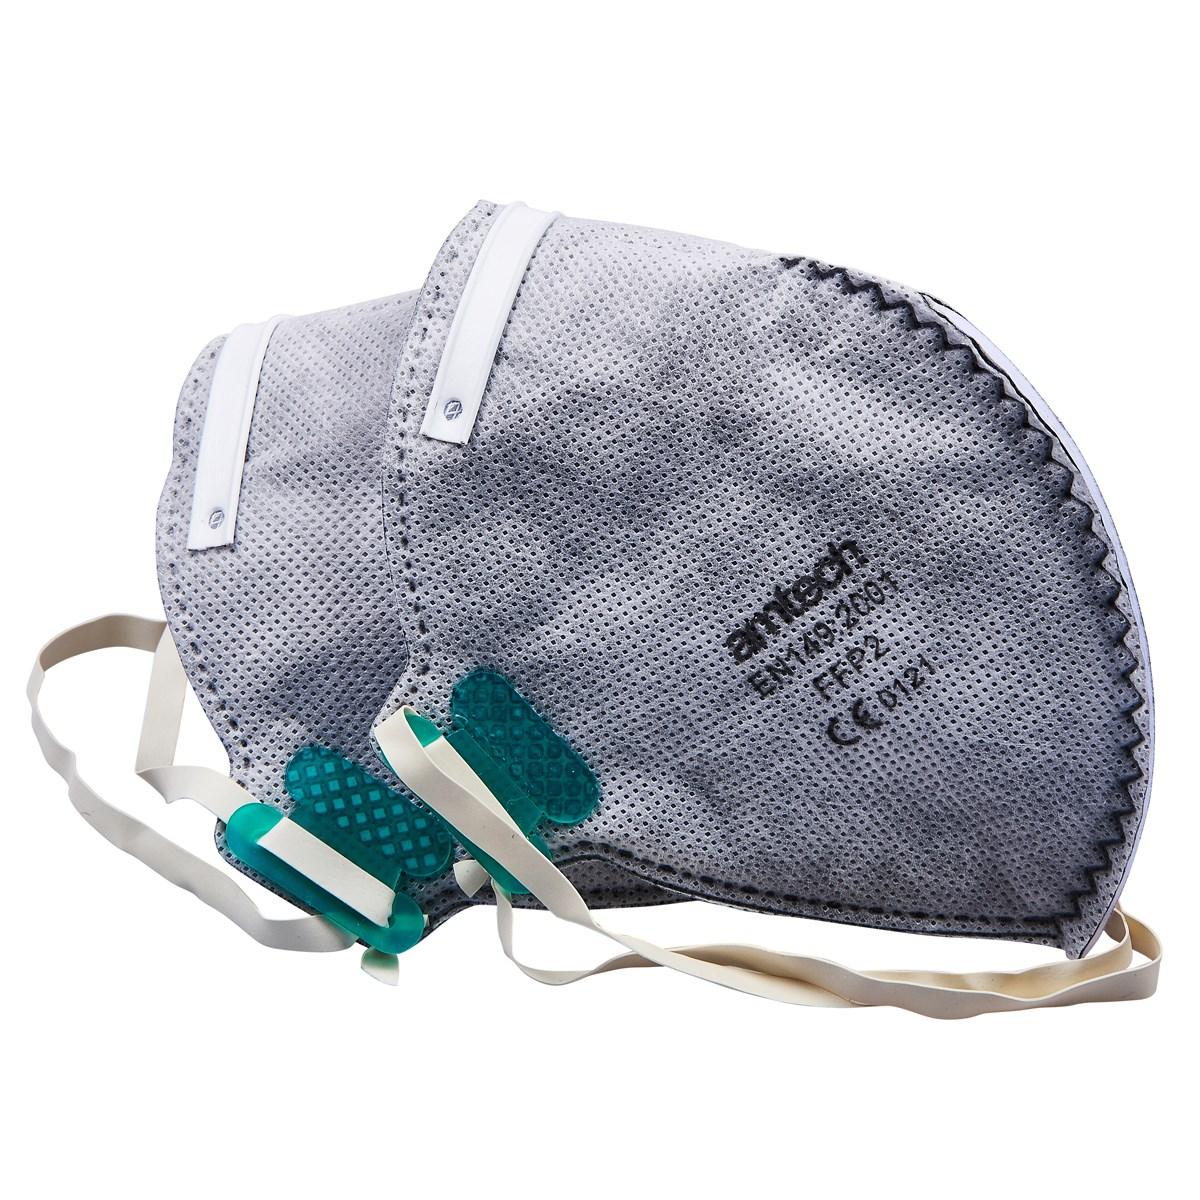 2pc foldable carbon valve ffp2 dust mask - Amtech